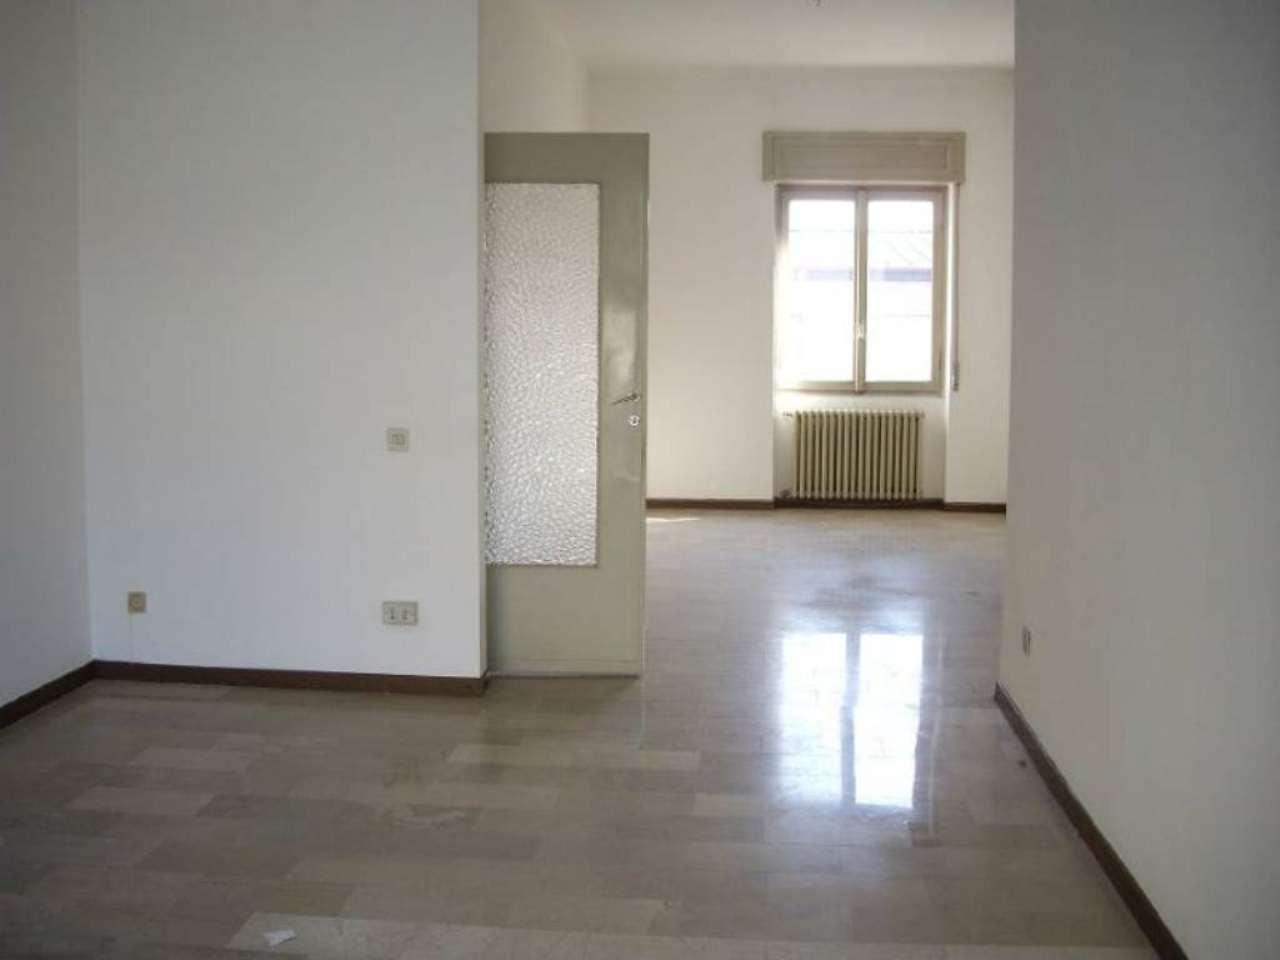 Negozio / Locale in affitto a Treviglio, 1 locali, prezzo € 667 | CambioCasa.it